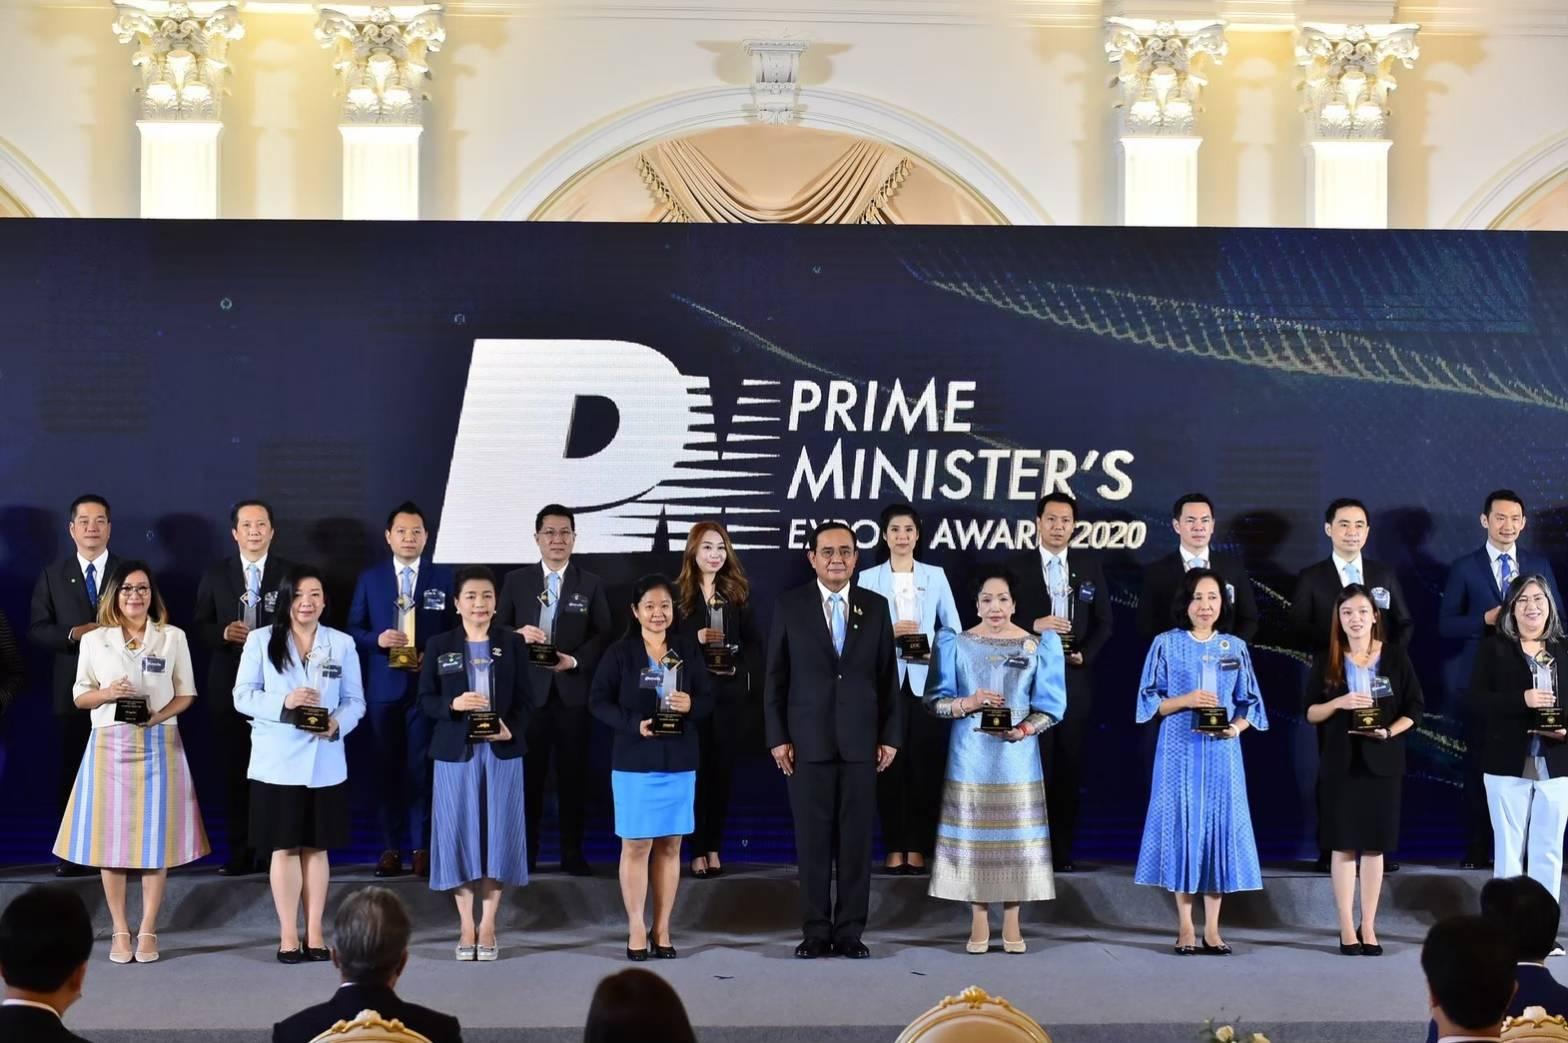 เปิดรับสมัครแล้ว PM Export Award 2021 ก้าวสำคัญสู่ความสำเร็จที่มากกว่า ตั้งแต่วันนี้ถึง 15 พฤษภาคม 2564